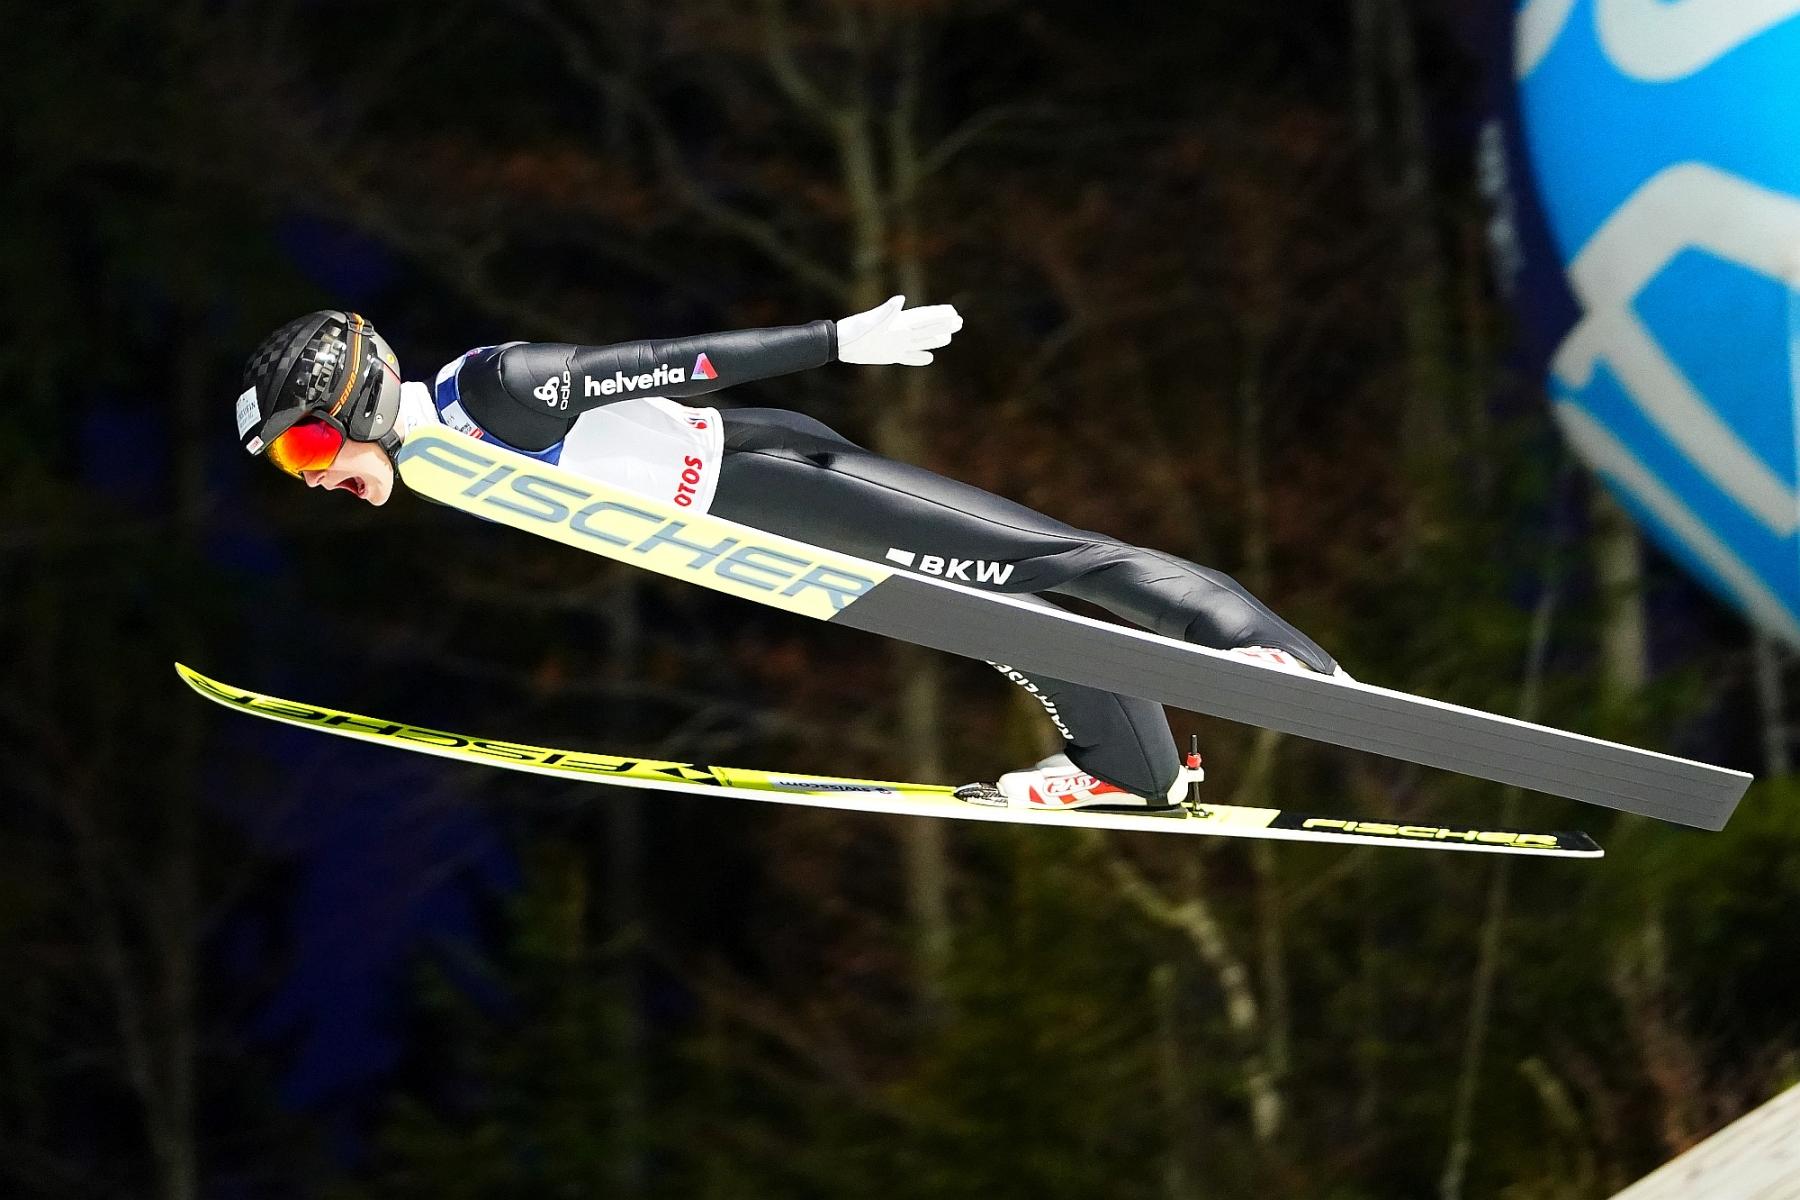 MŚ Juniorów Lahti: Dominik Peter liderem po pierwszej serii